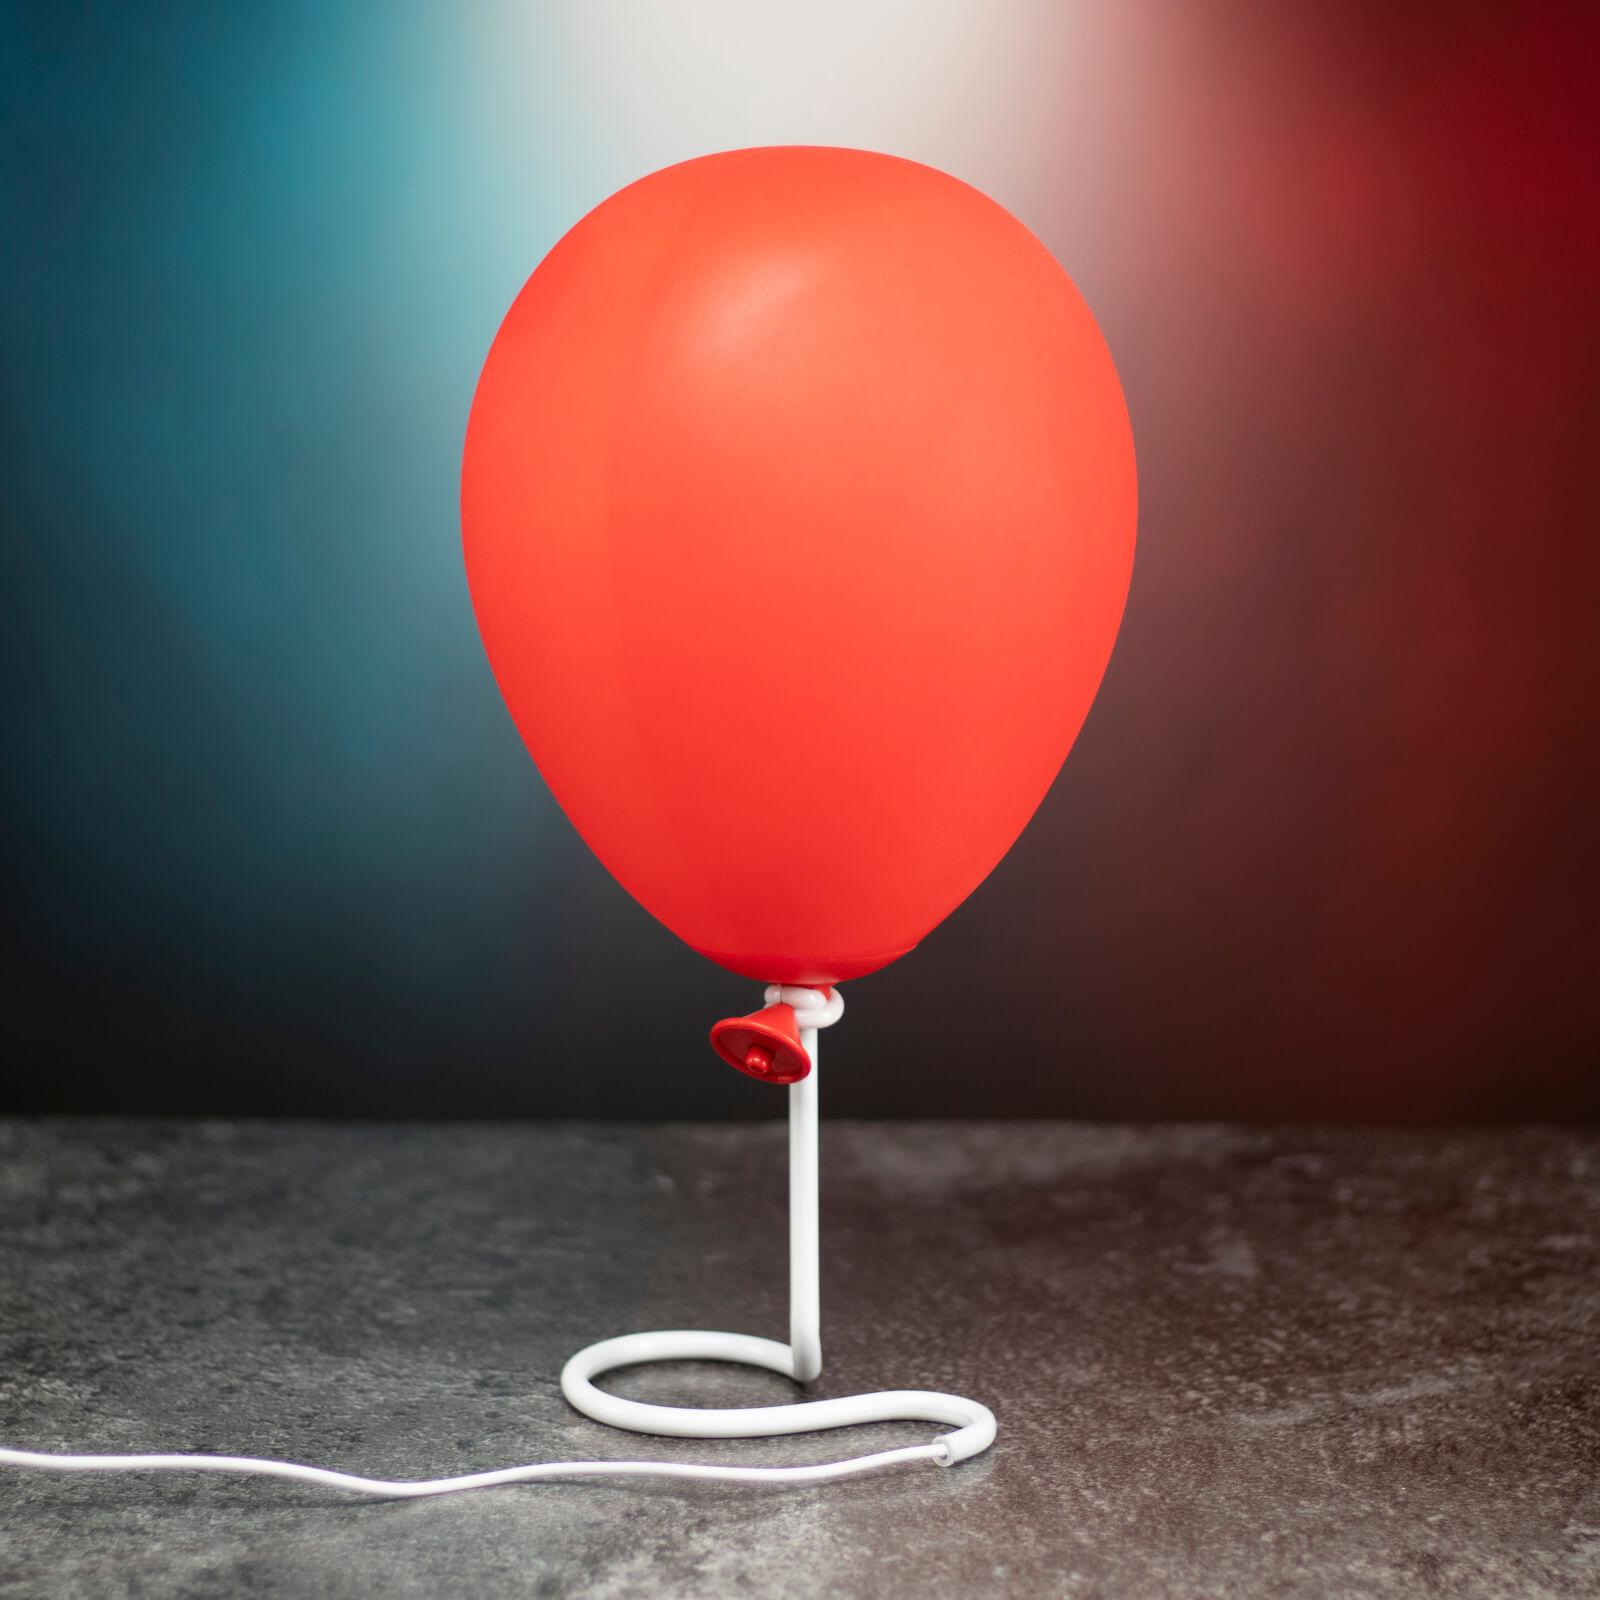 Lampe ballon It Pennywise - Ça Grippe-Sou